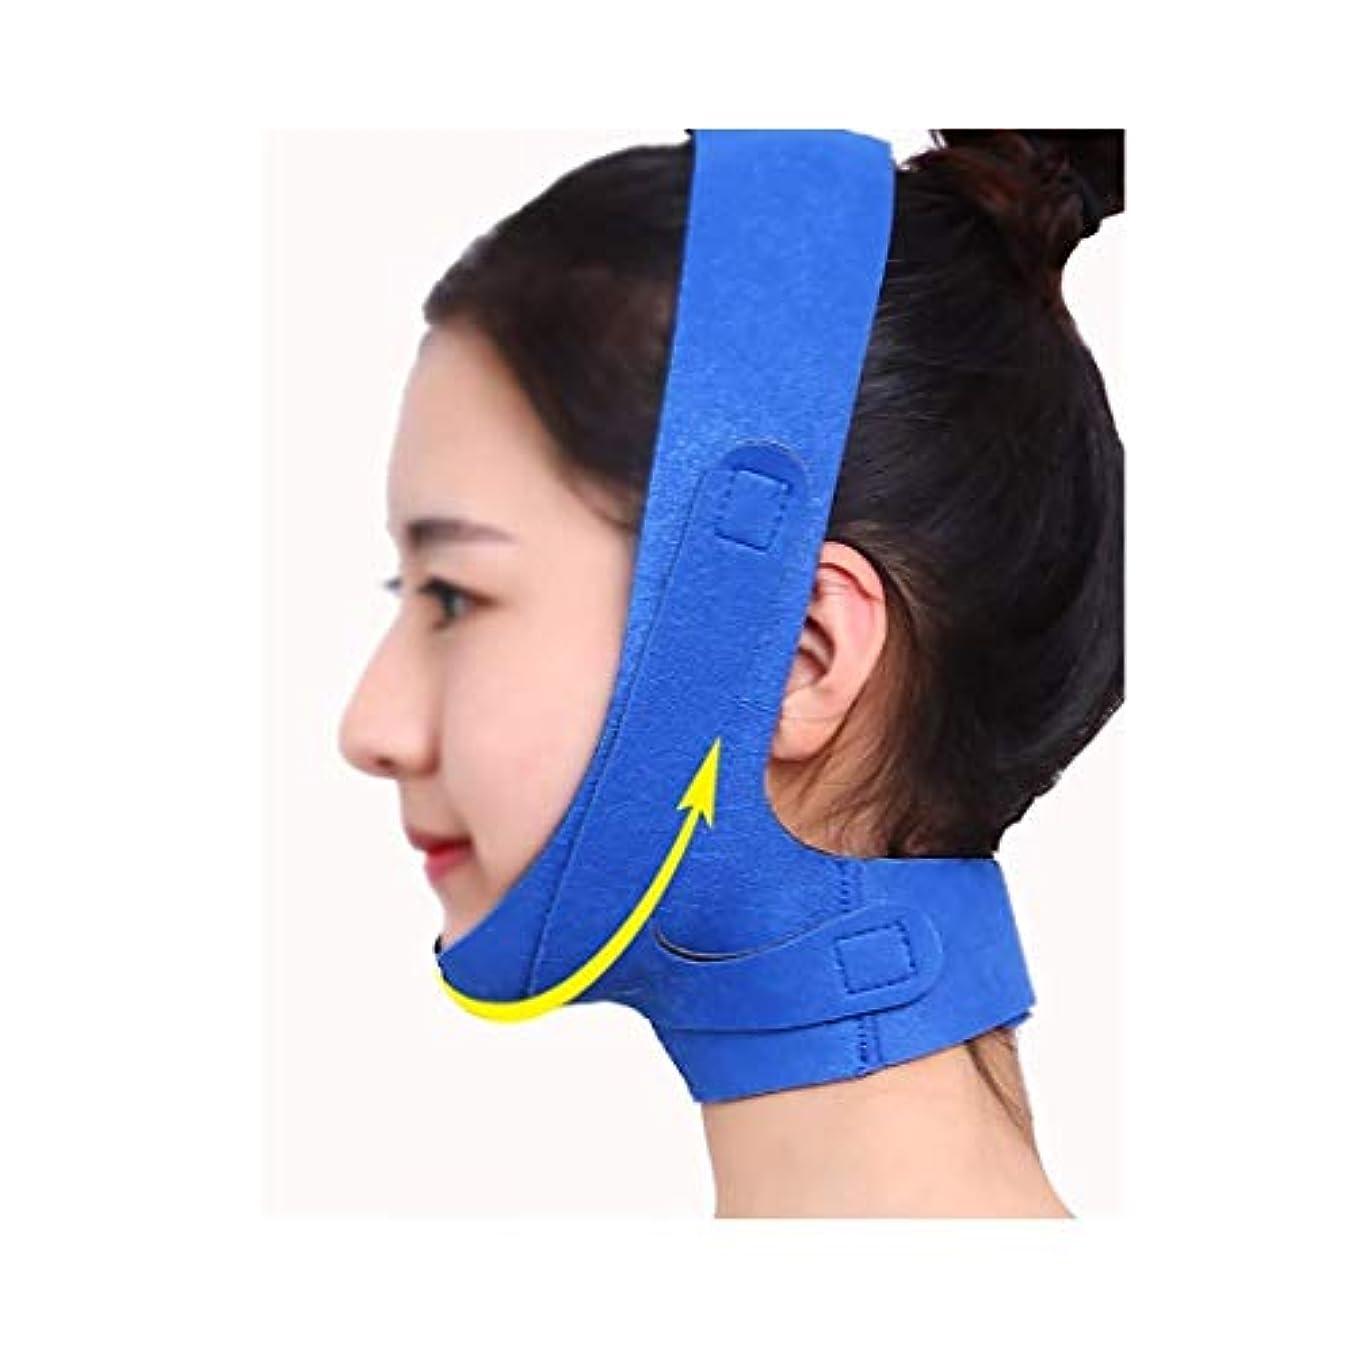 ビュッフェジャムたとえフェイスリフトマスク、あごストラップ回復包帯睡眠薄いフェイスバンデージ薄いフェイスマスクフェイスリフトアーティファクトフェイスリフト美容マスク包帯青いフェイスマスクで小さなV顔を強化するには